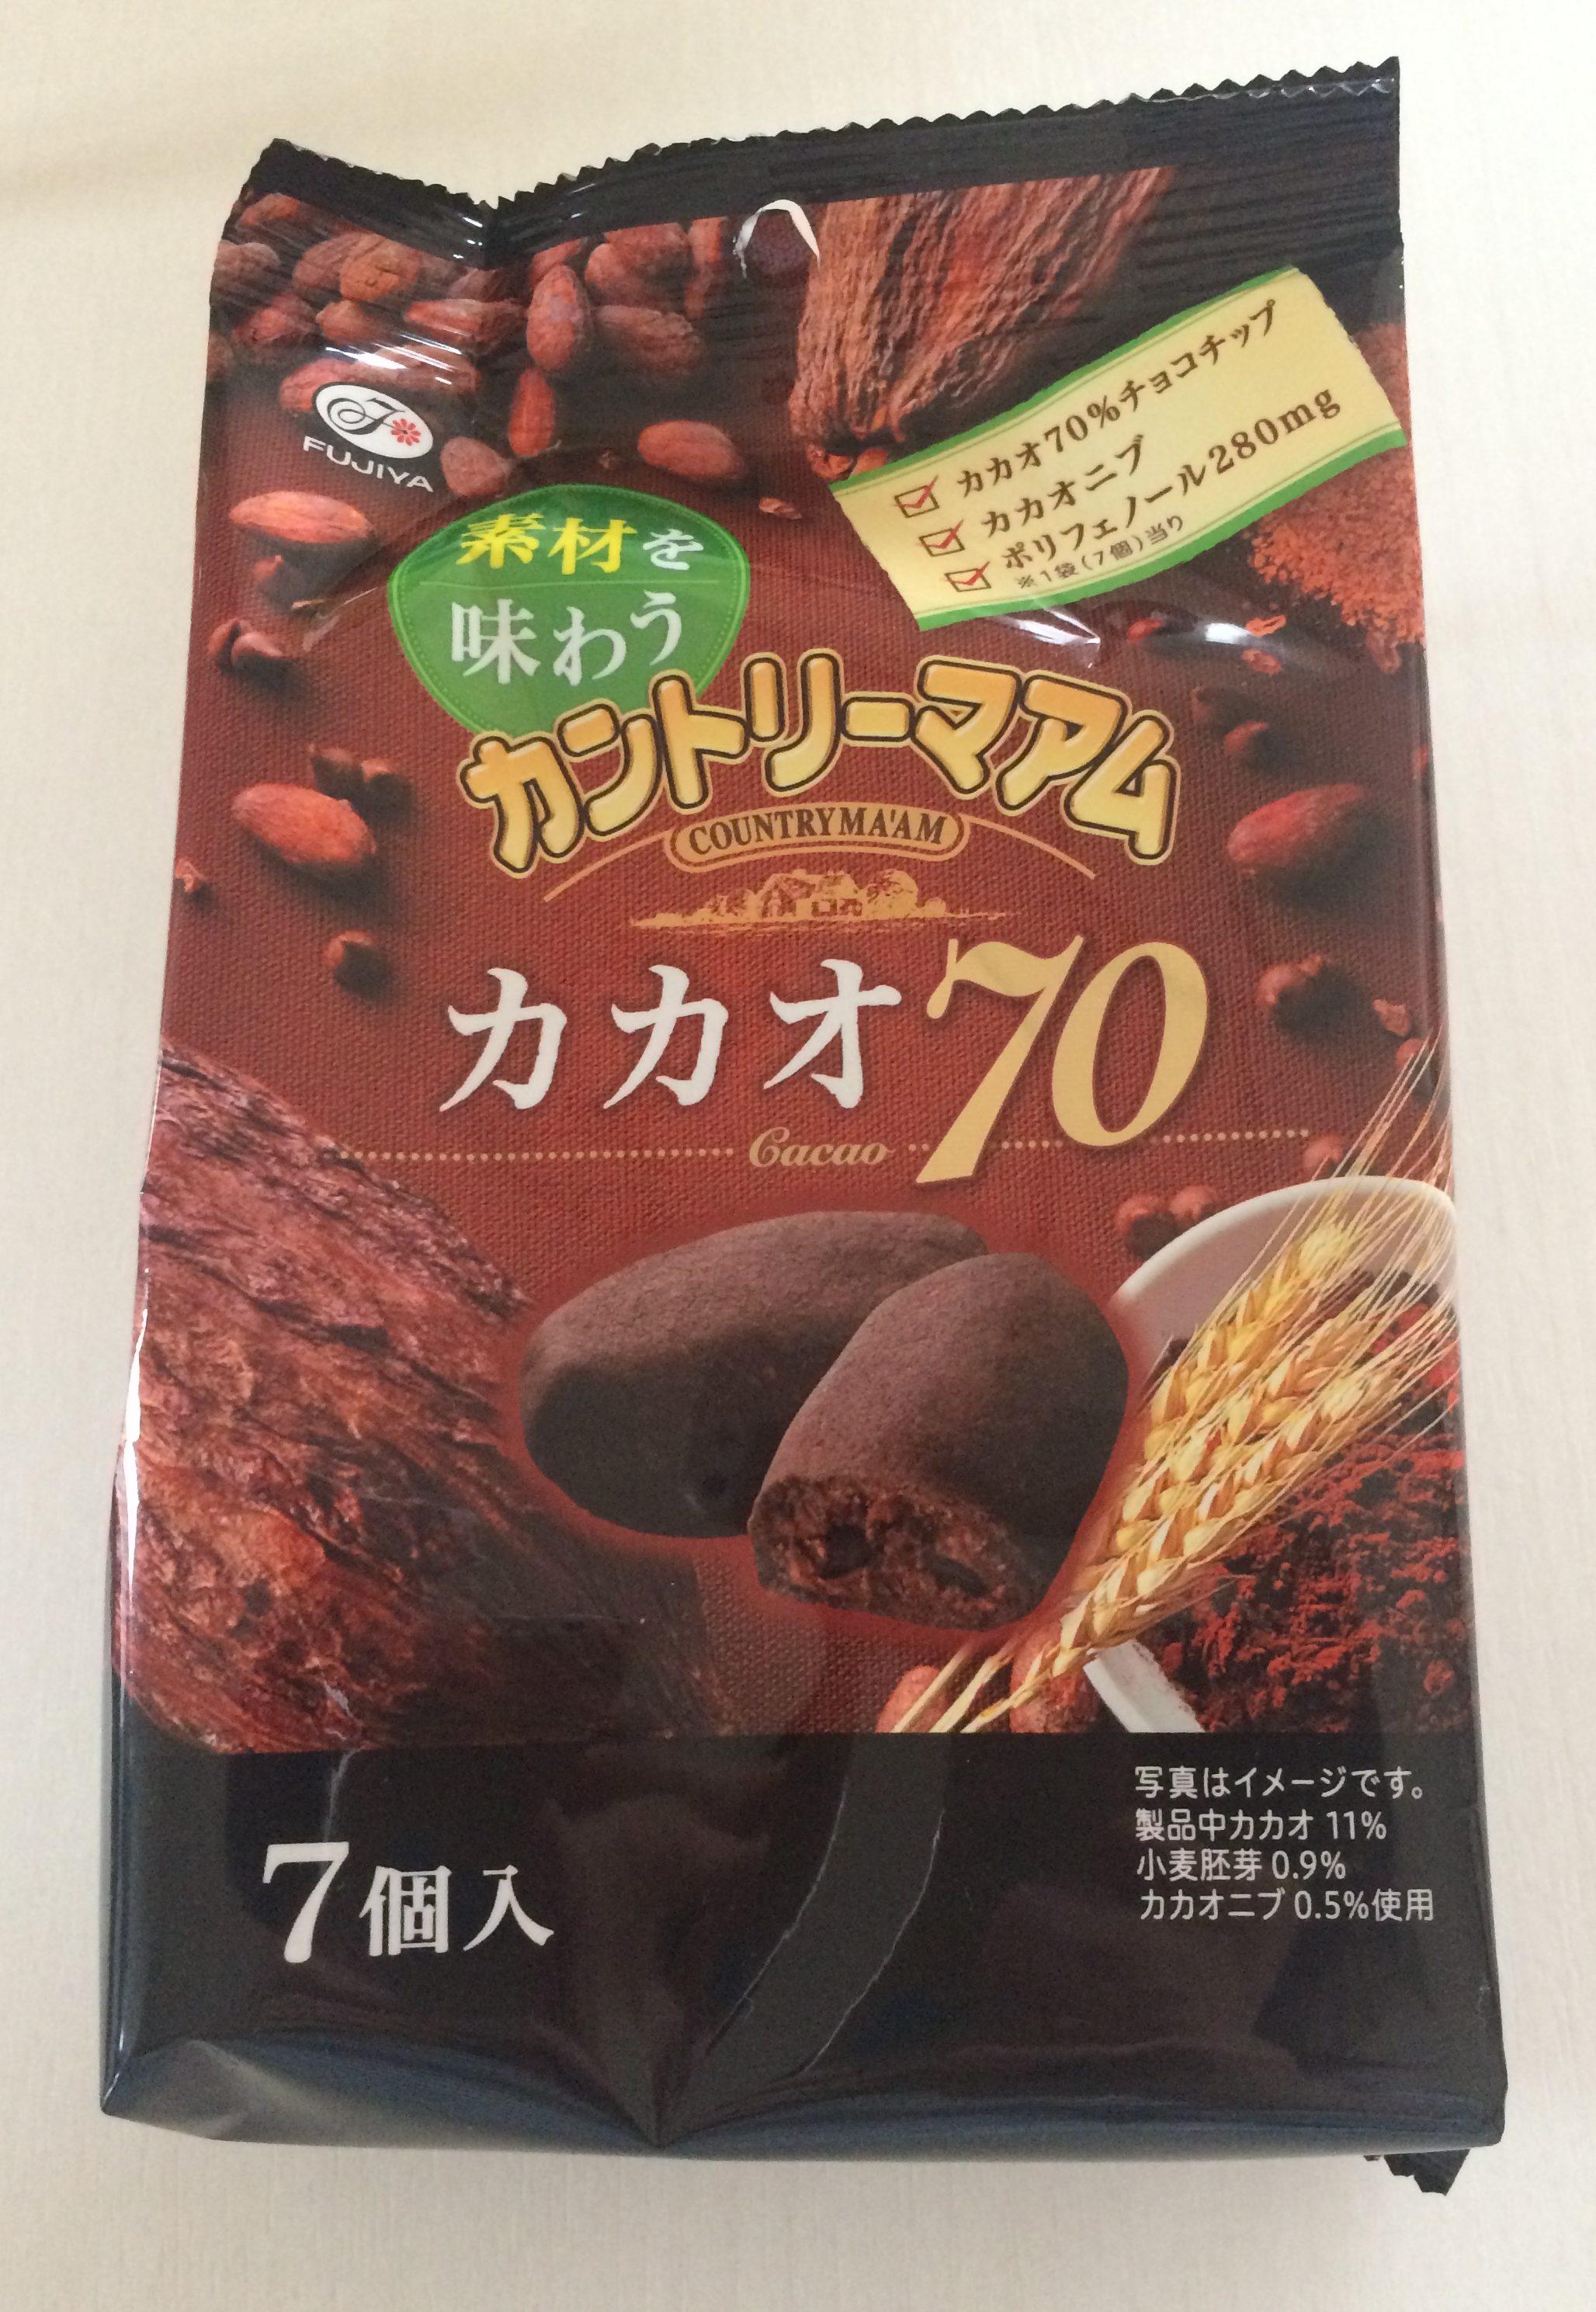 【不二家】カントリーマアムカカオ70 食べた感想